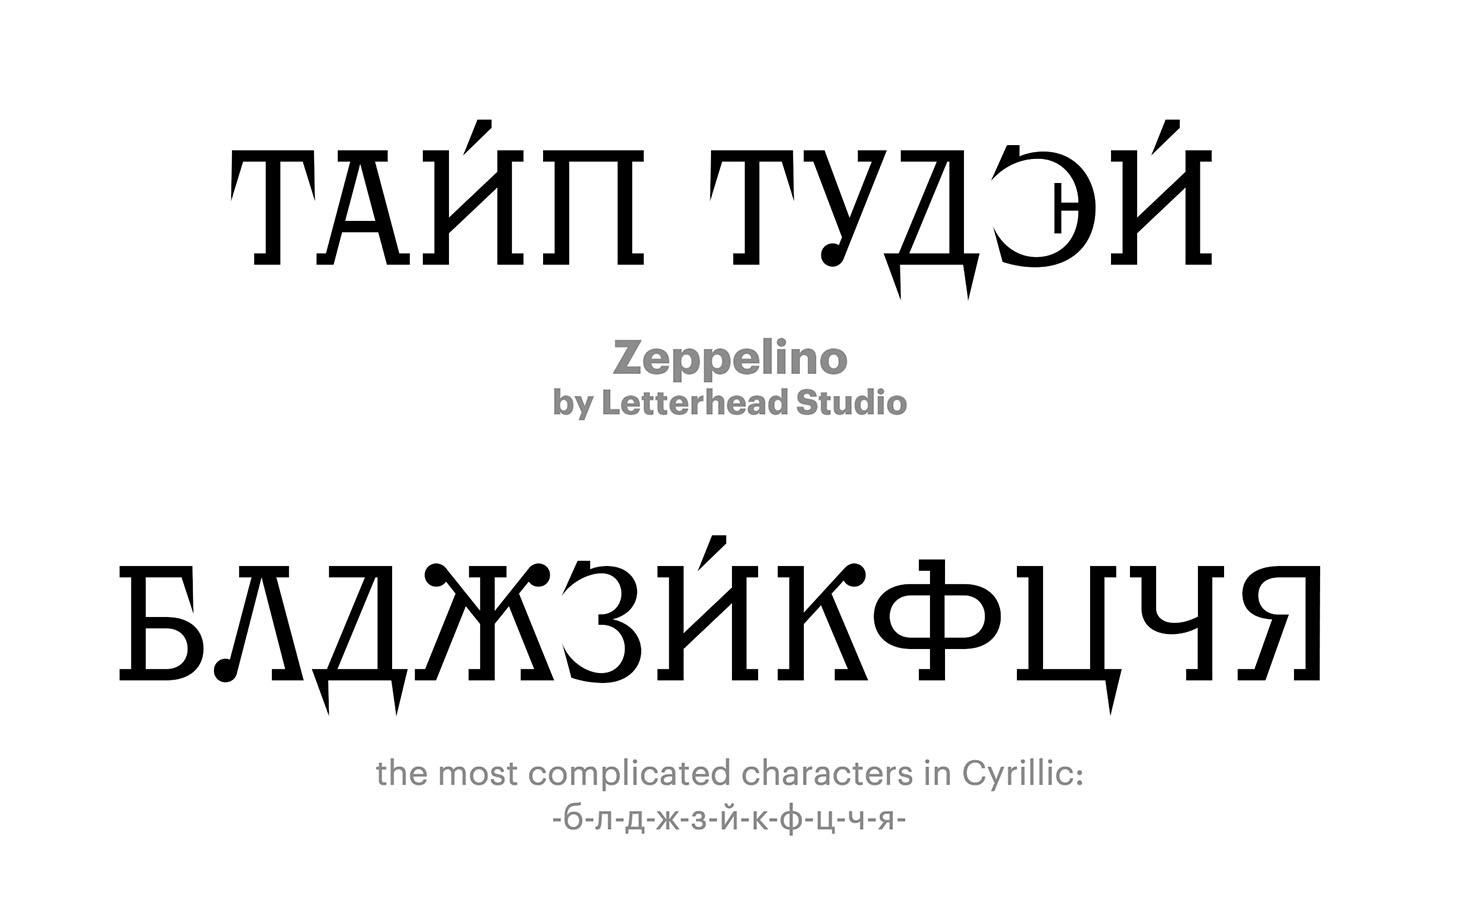 Zeppelino